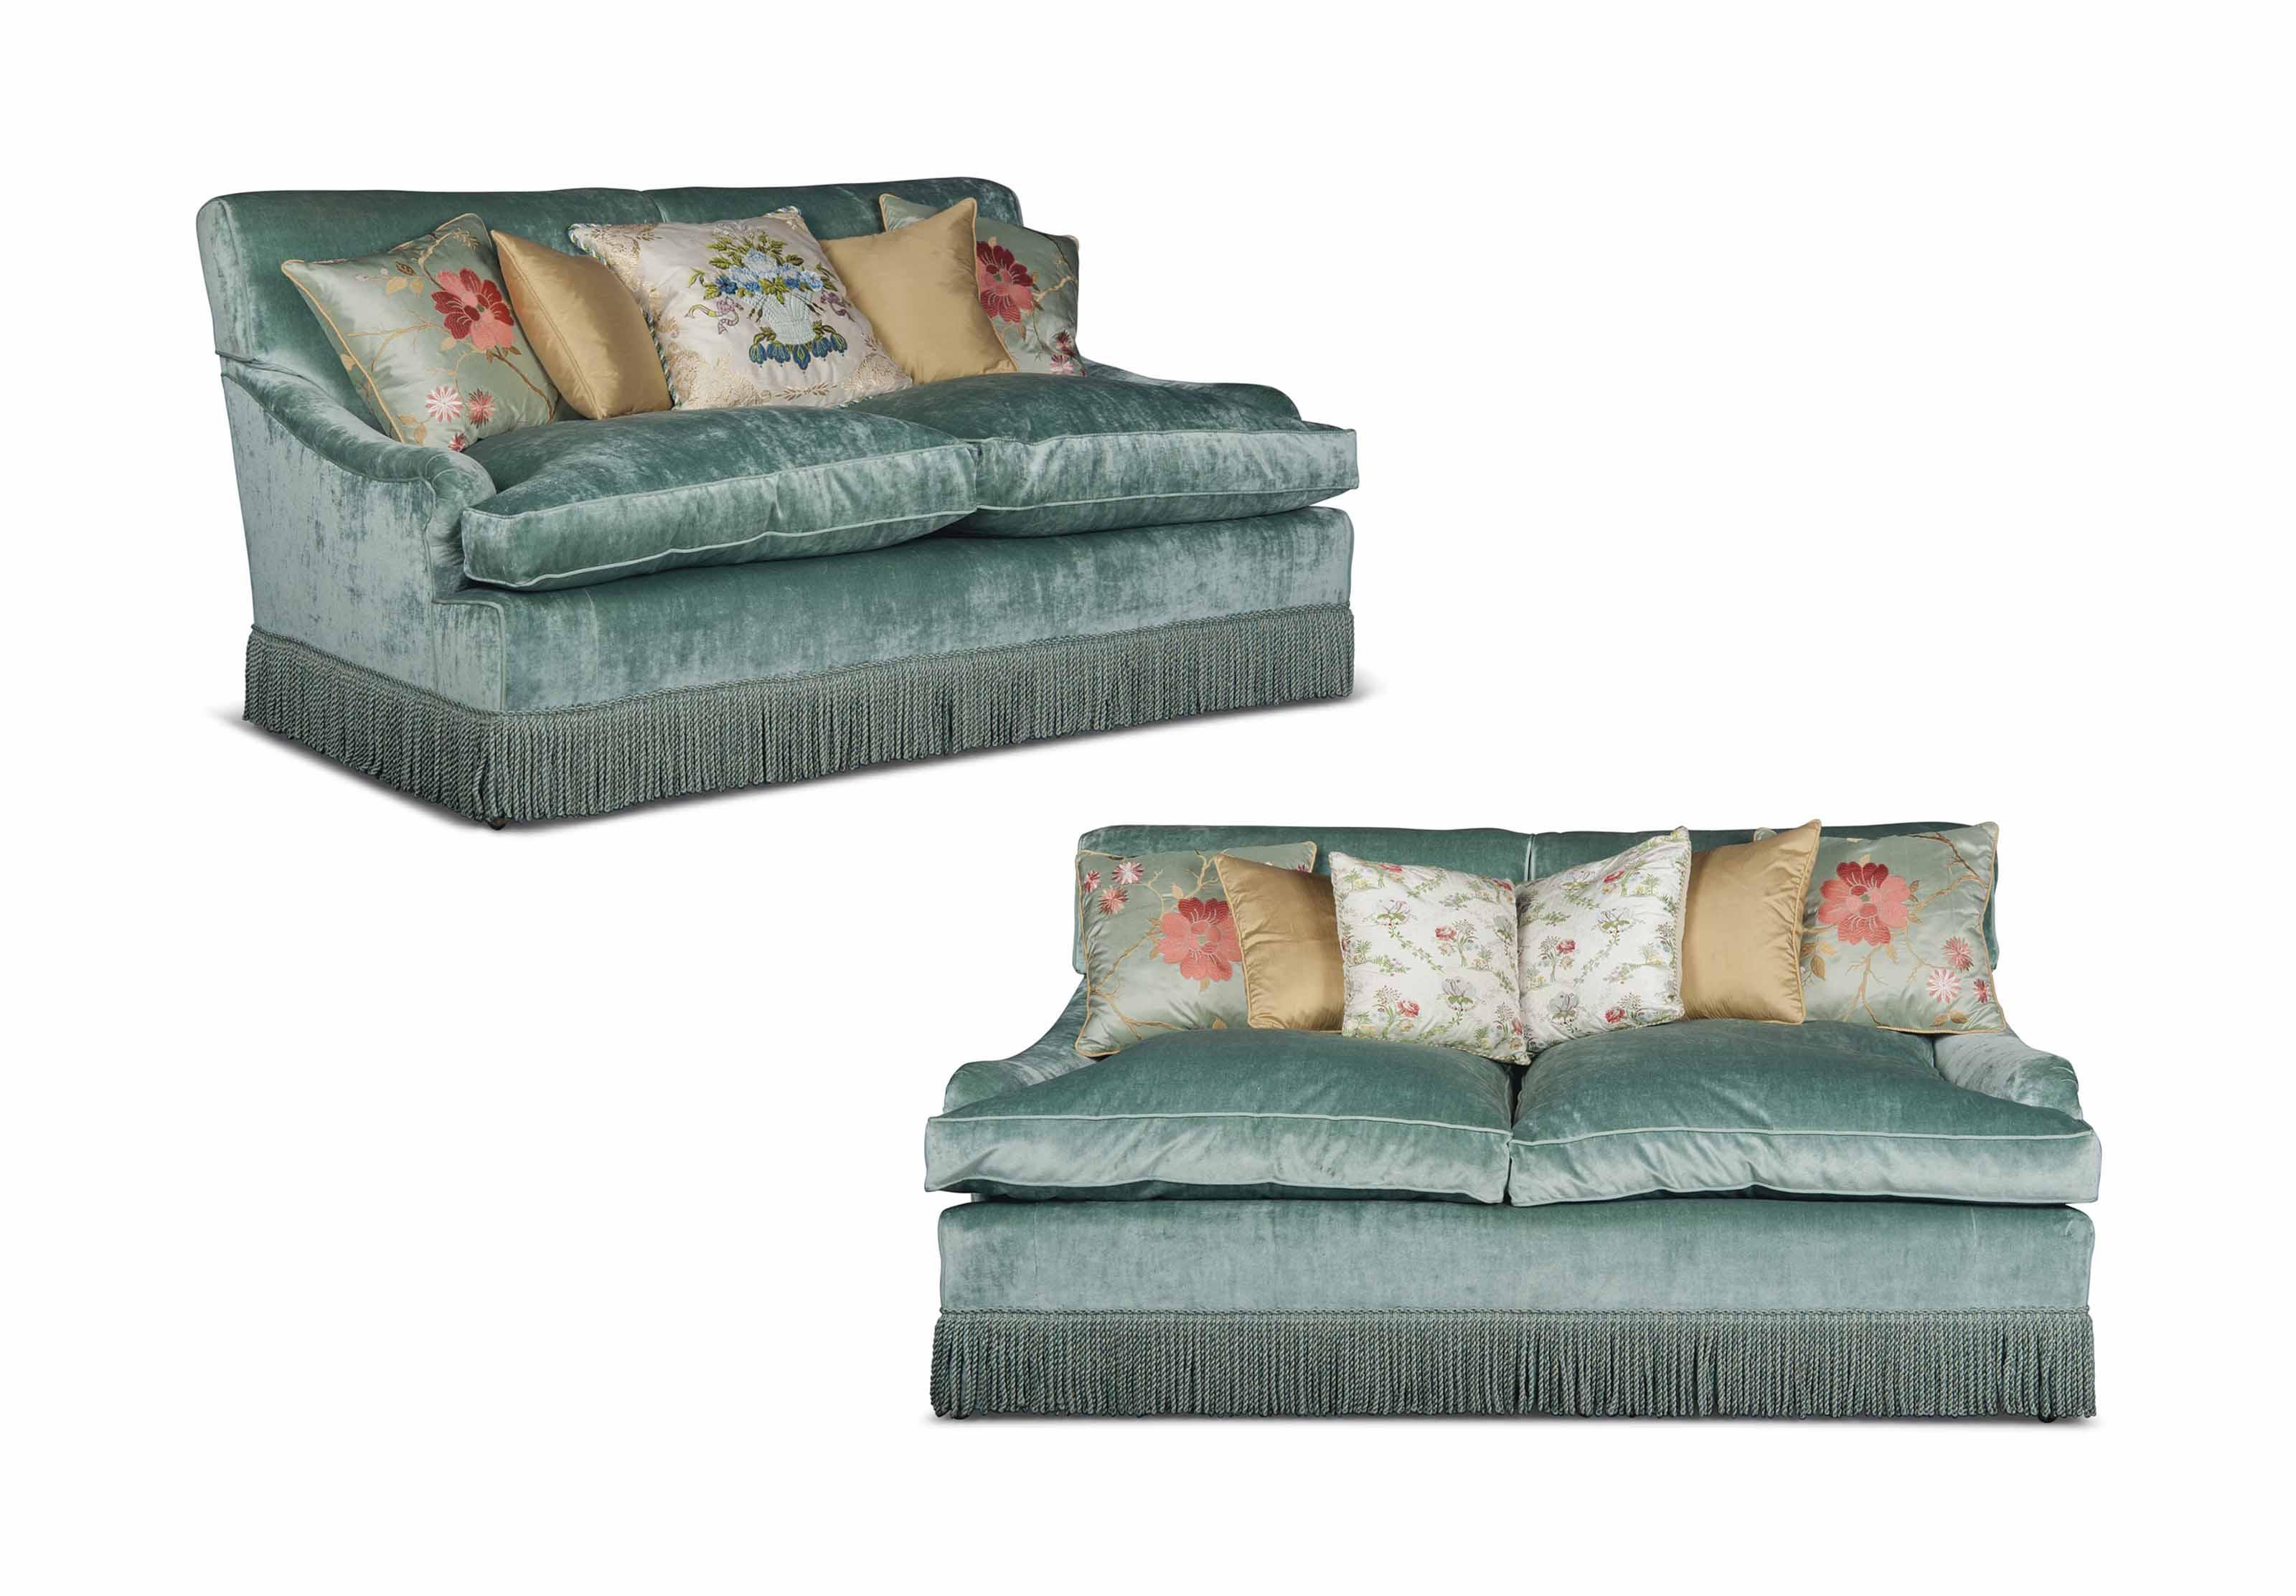 A PAIR OF ENGLISH SEA GREEN VELVET TWO-SEAT SOFAS